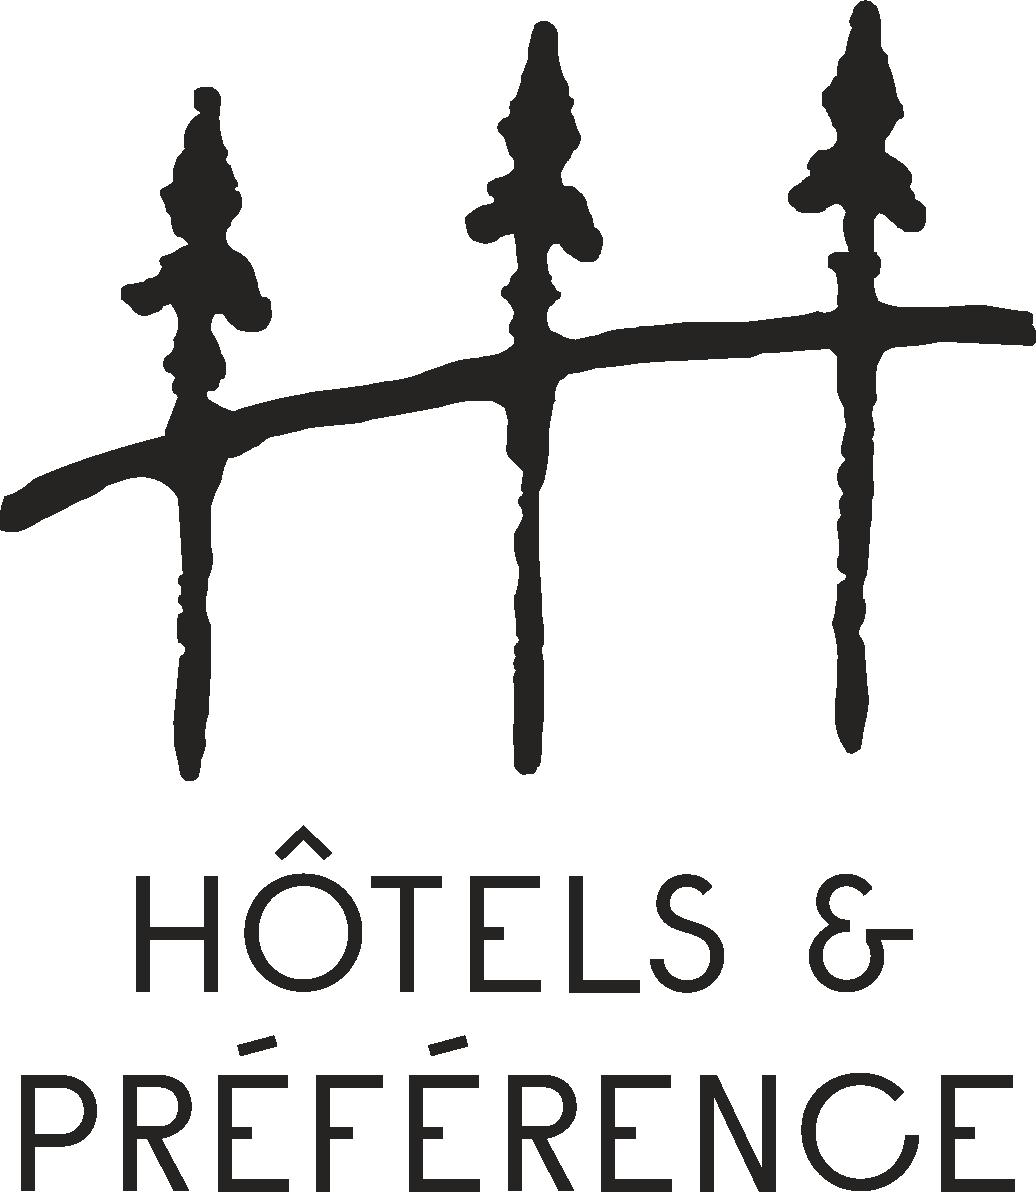 Hôtels & Préférence